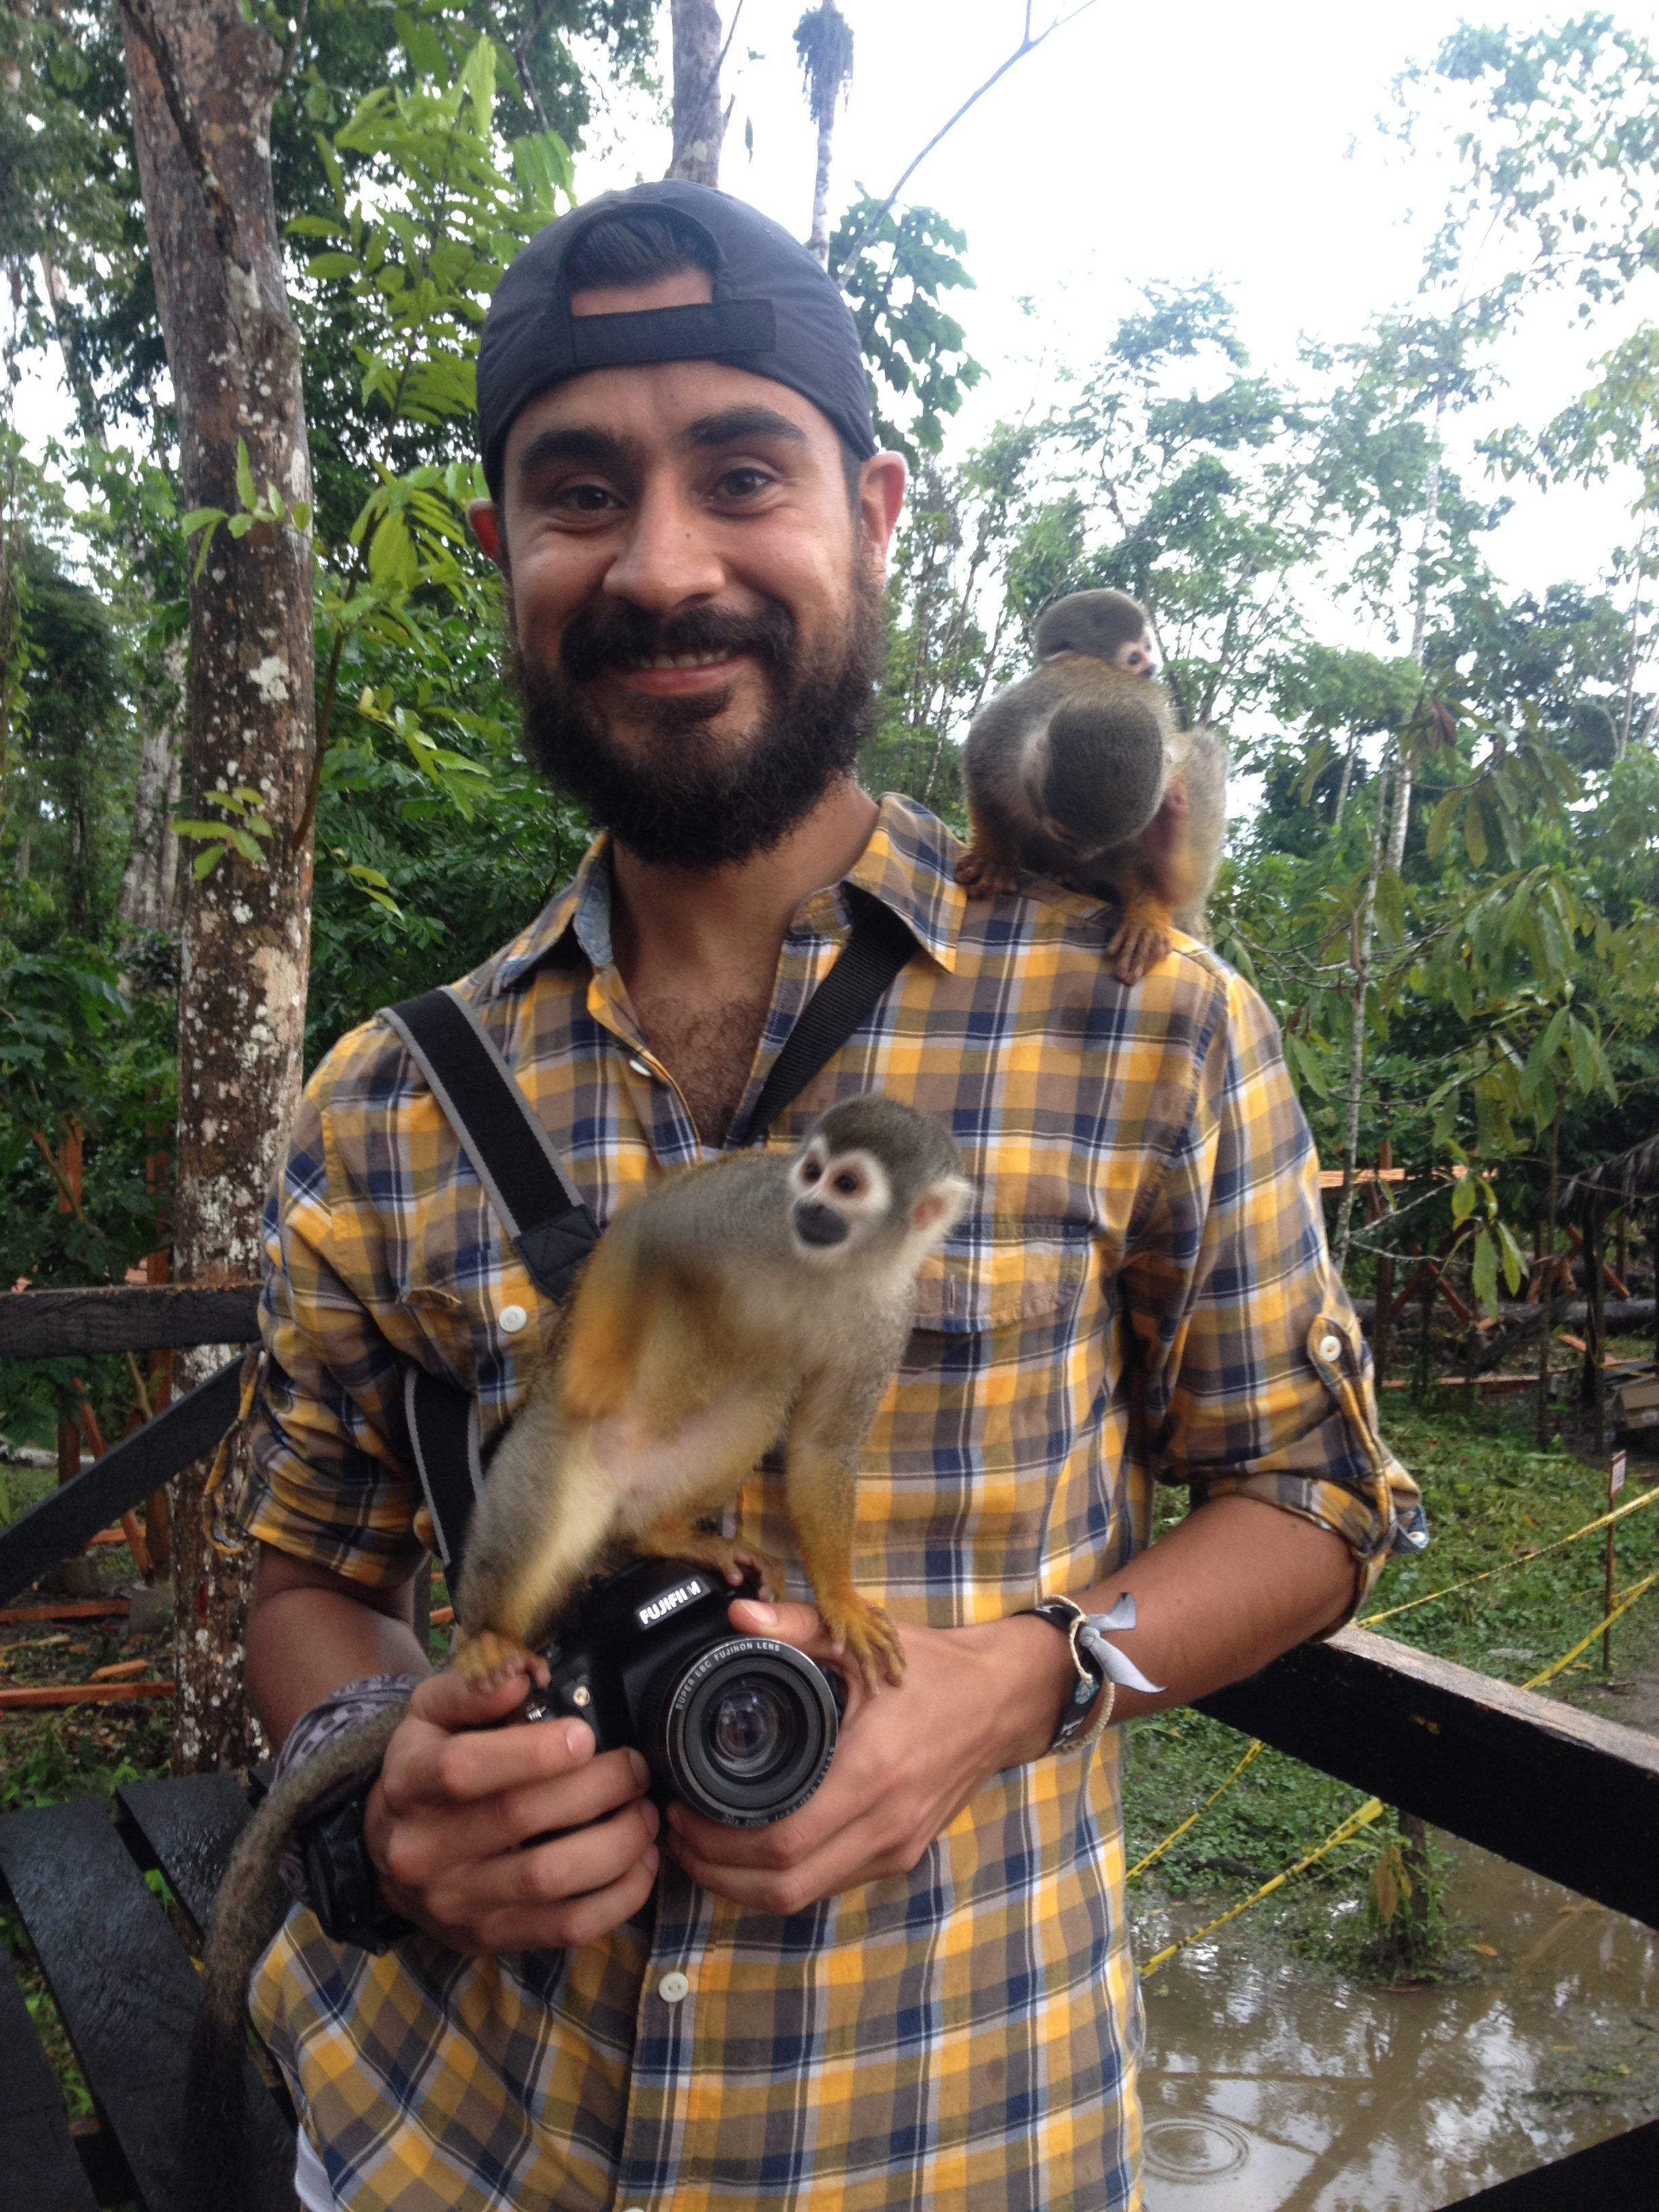 El biólogo Mauricio Vela en un trabajo con primates en la Amazonía colombiana. Foto: Mauricio Vela.